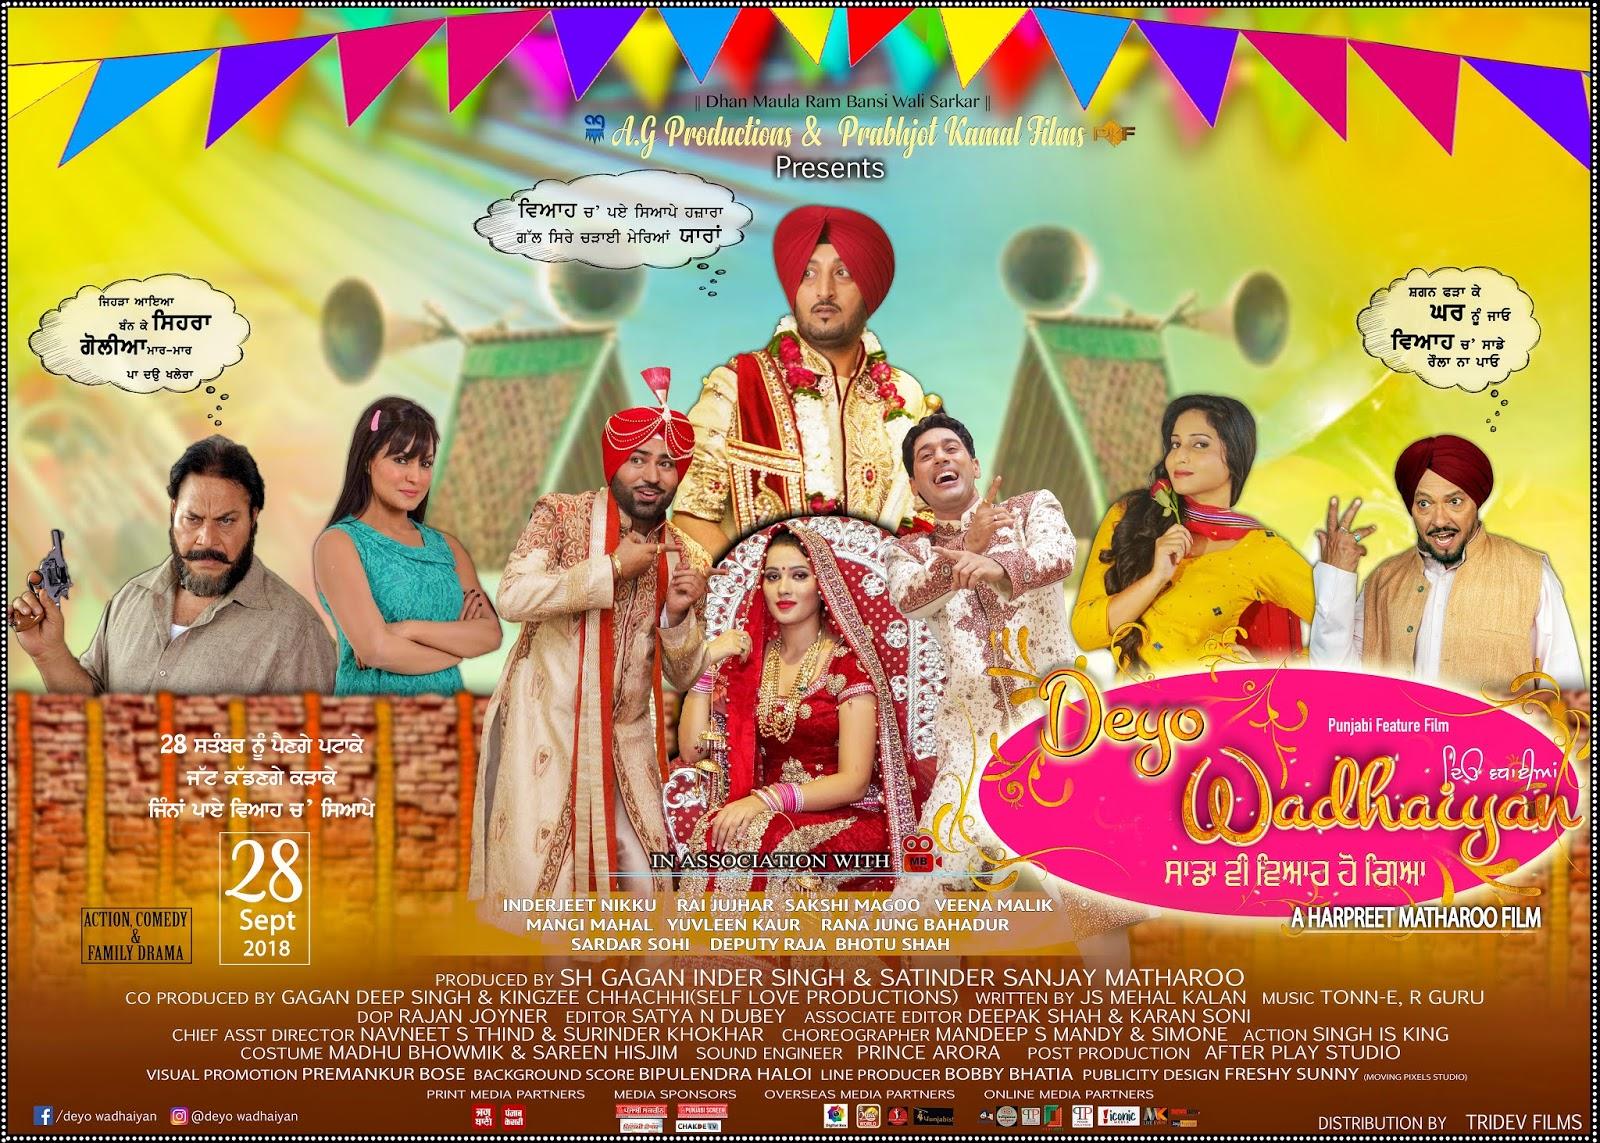 full cast and crew of Punjabi movie Deyo Wadhaiyan Sada Vii Viah Hogya 2018 wiki, Deyo Wadhaiyan Sada Vii Viah Hogya story, release date, Deyo Wadhaiyan Sada Vii Viah Hogya Actress name wikipedia, poster, trailer, Photos, Wallapper